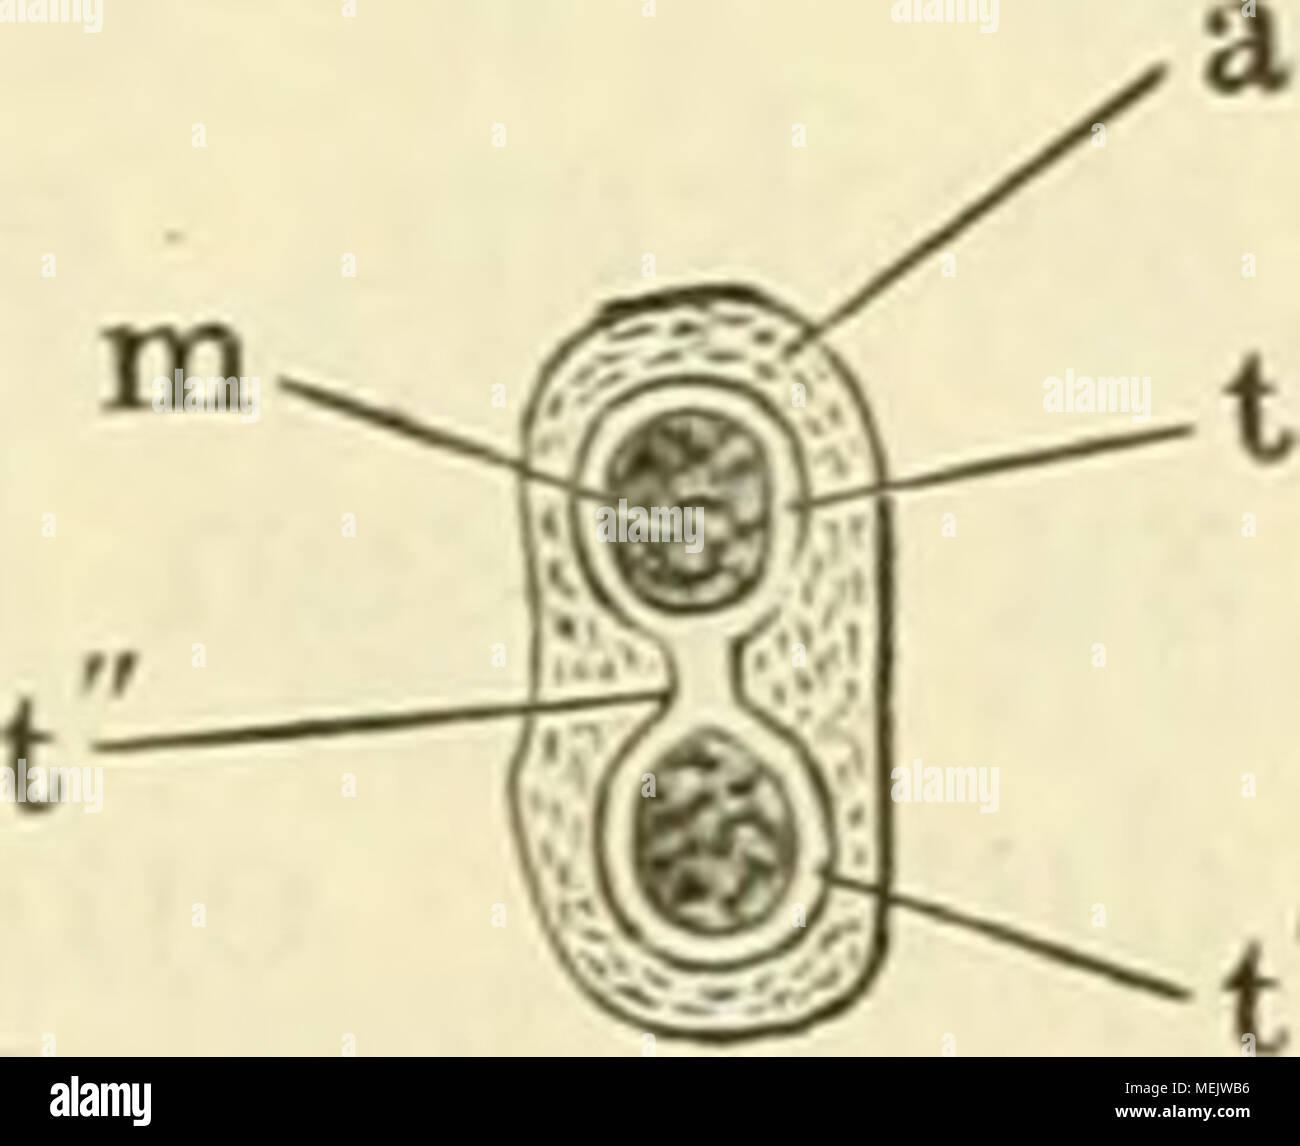 Großartig Anatomie Meloncholy Bilder - Menschliche Anatomie Bilder ...